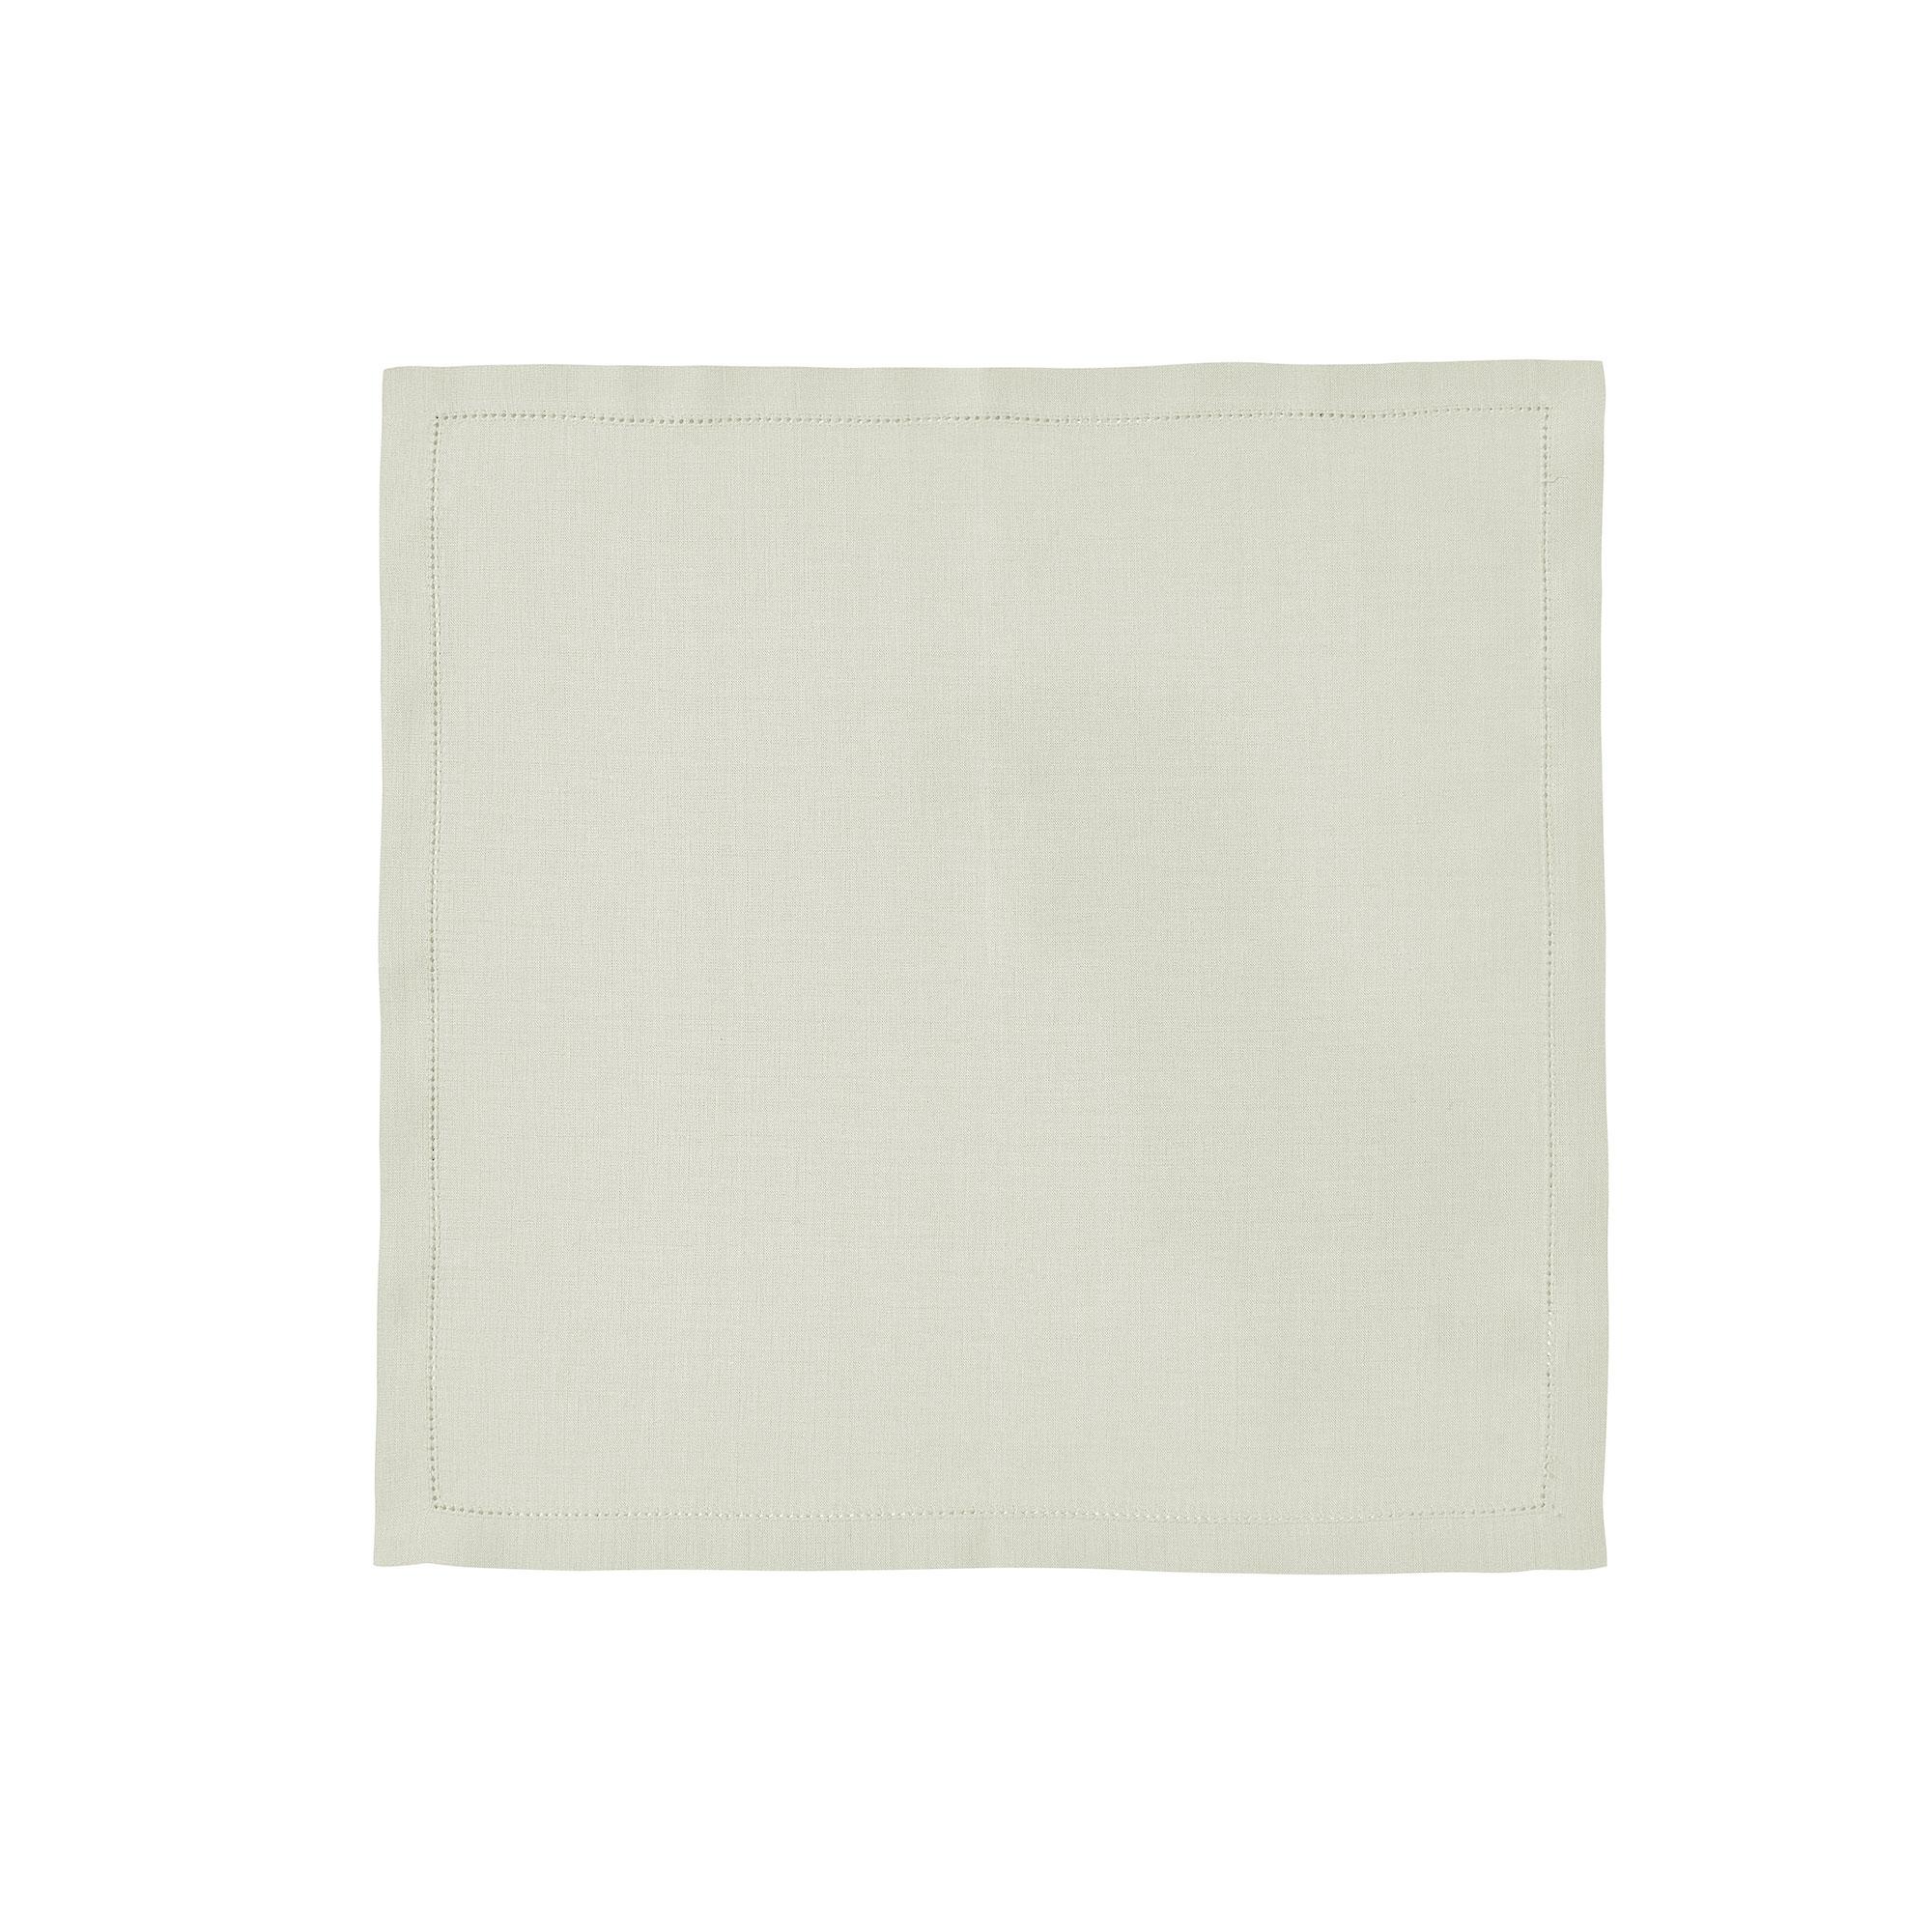 Serviette de table en lin naturel 45x45